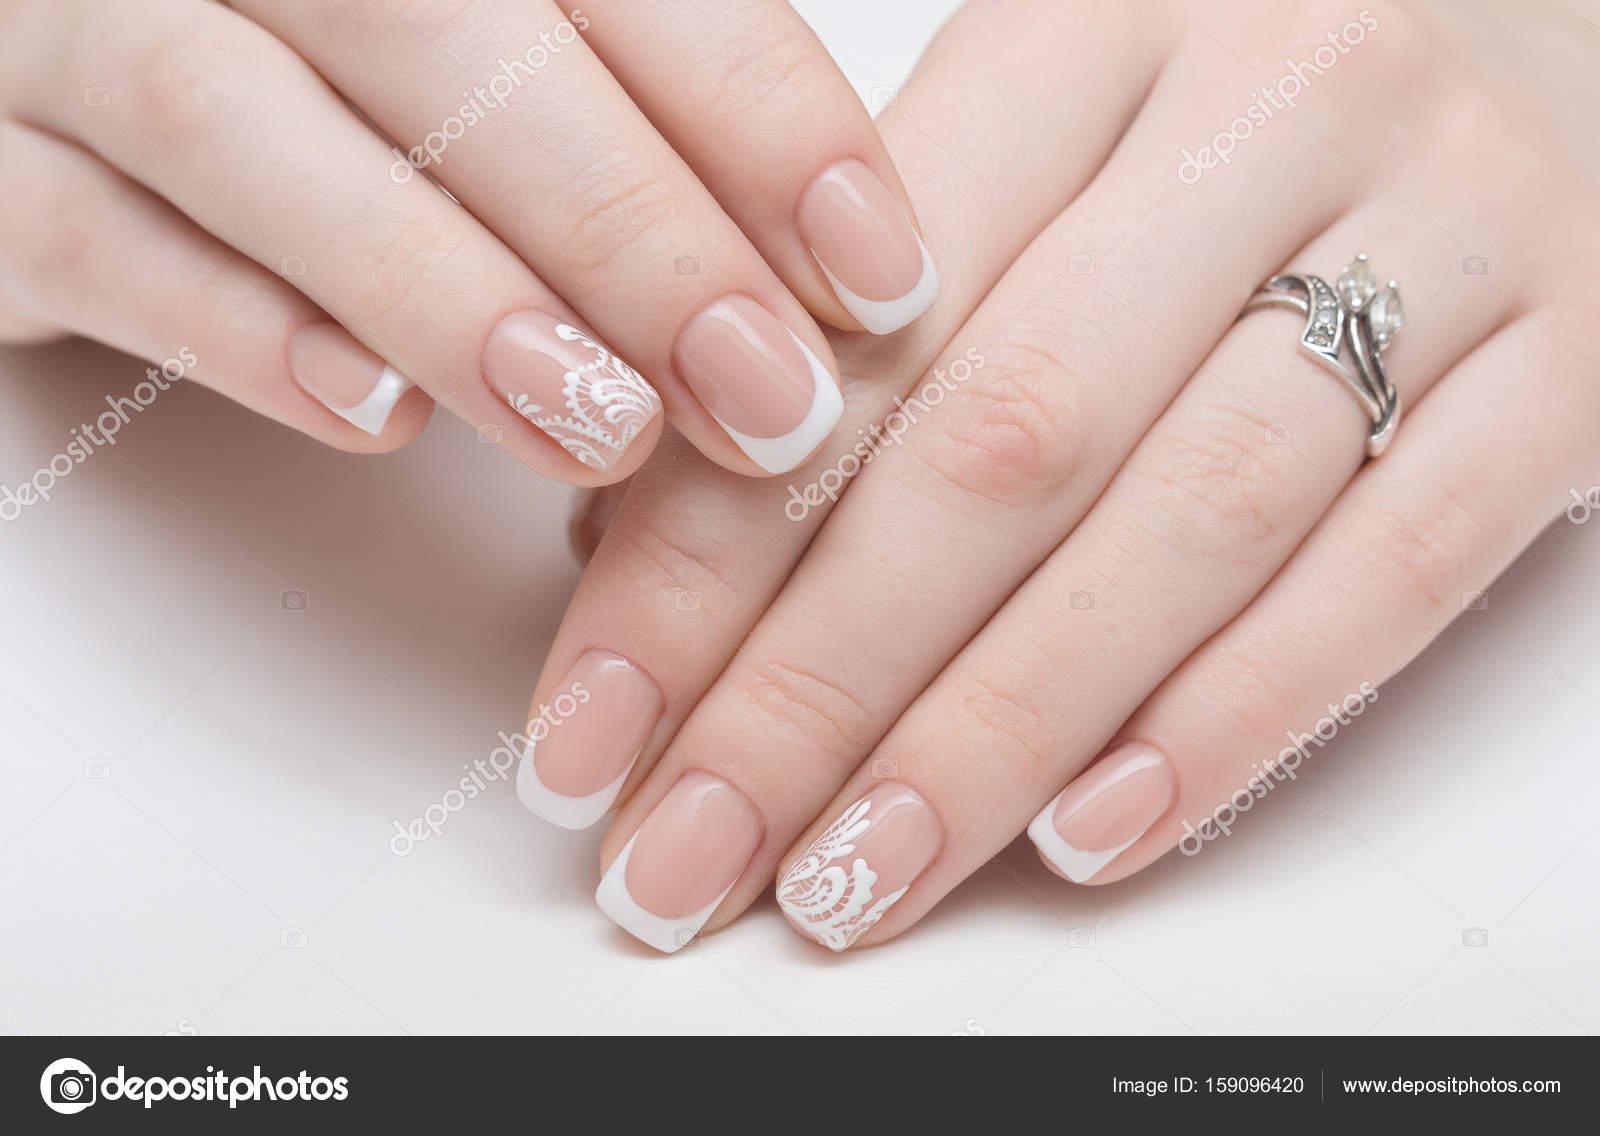 Nagelpflege und Maniküre. Nahaufnahme der schöne weibliche Hände ...